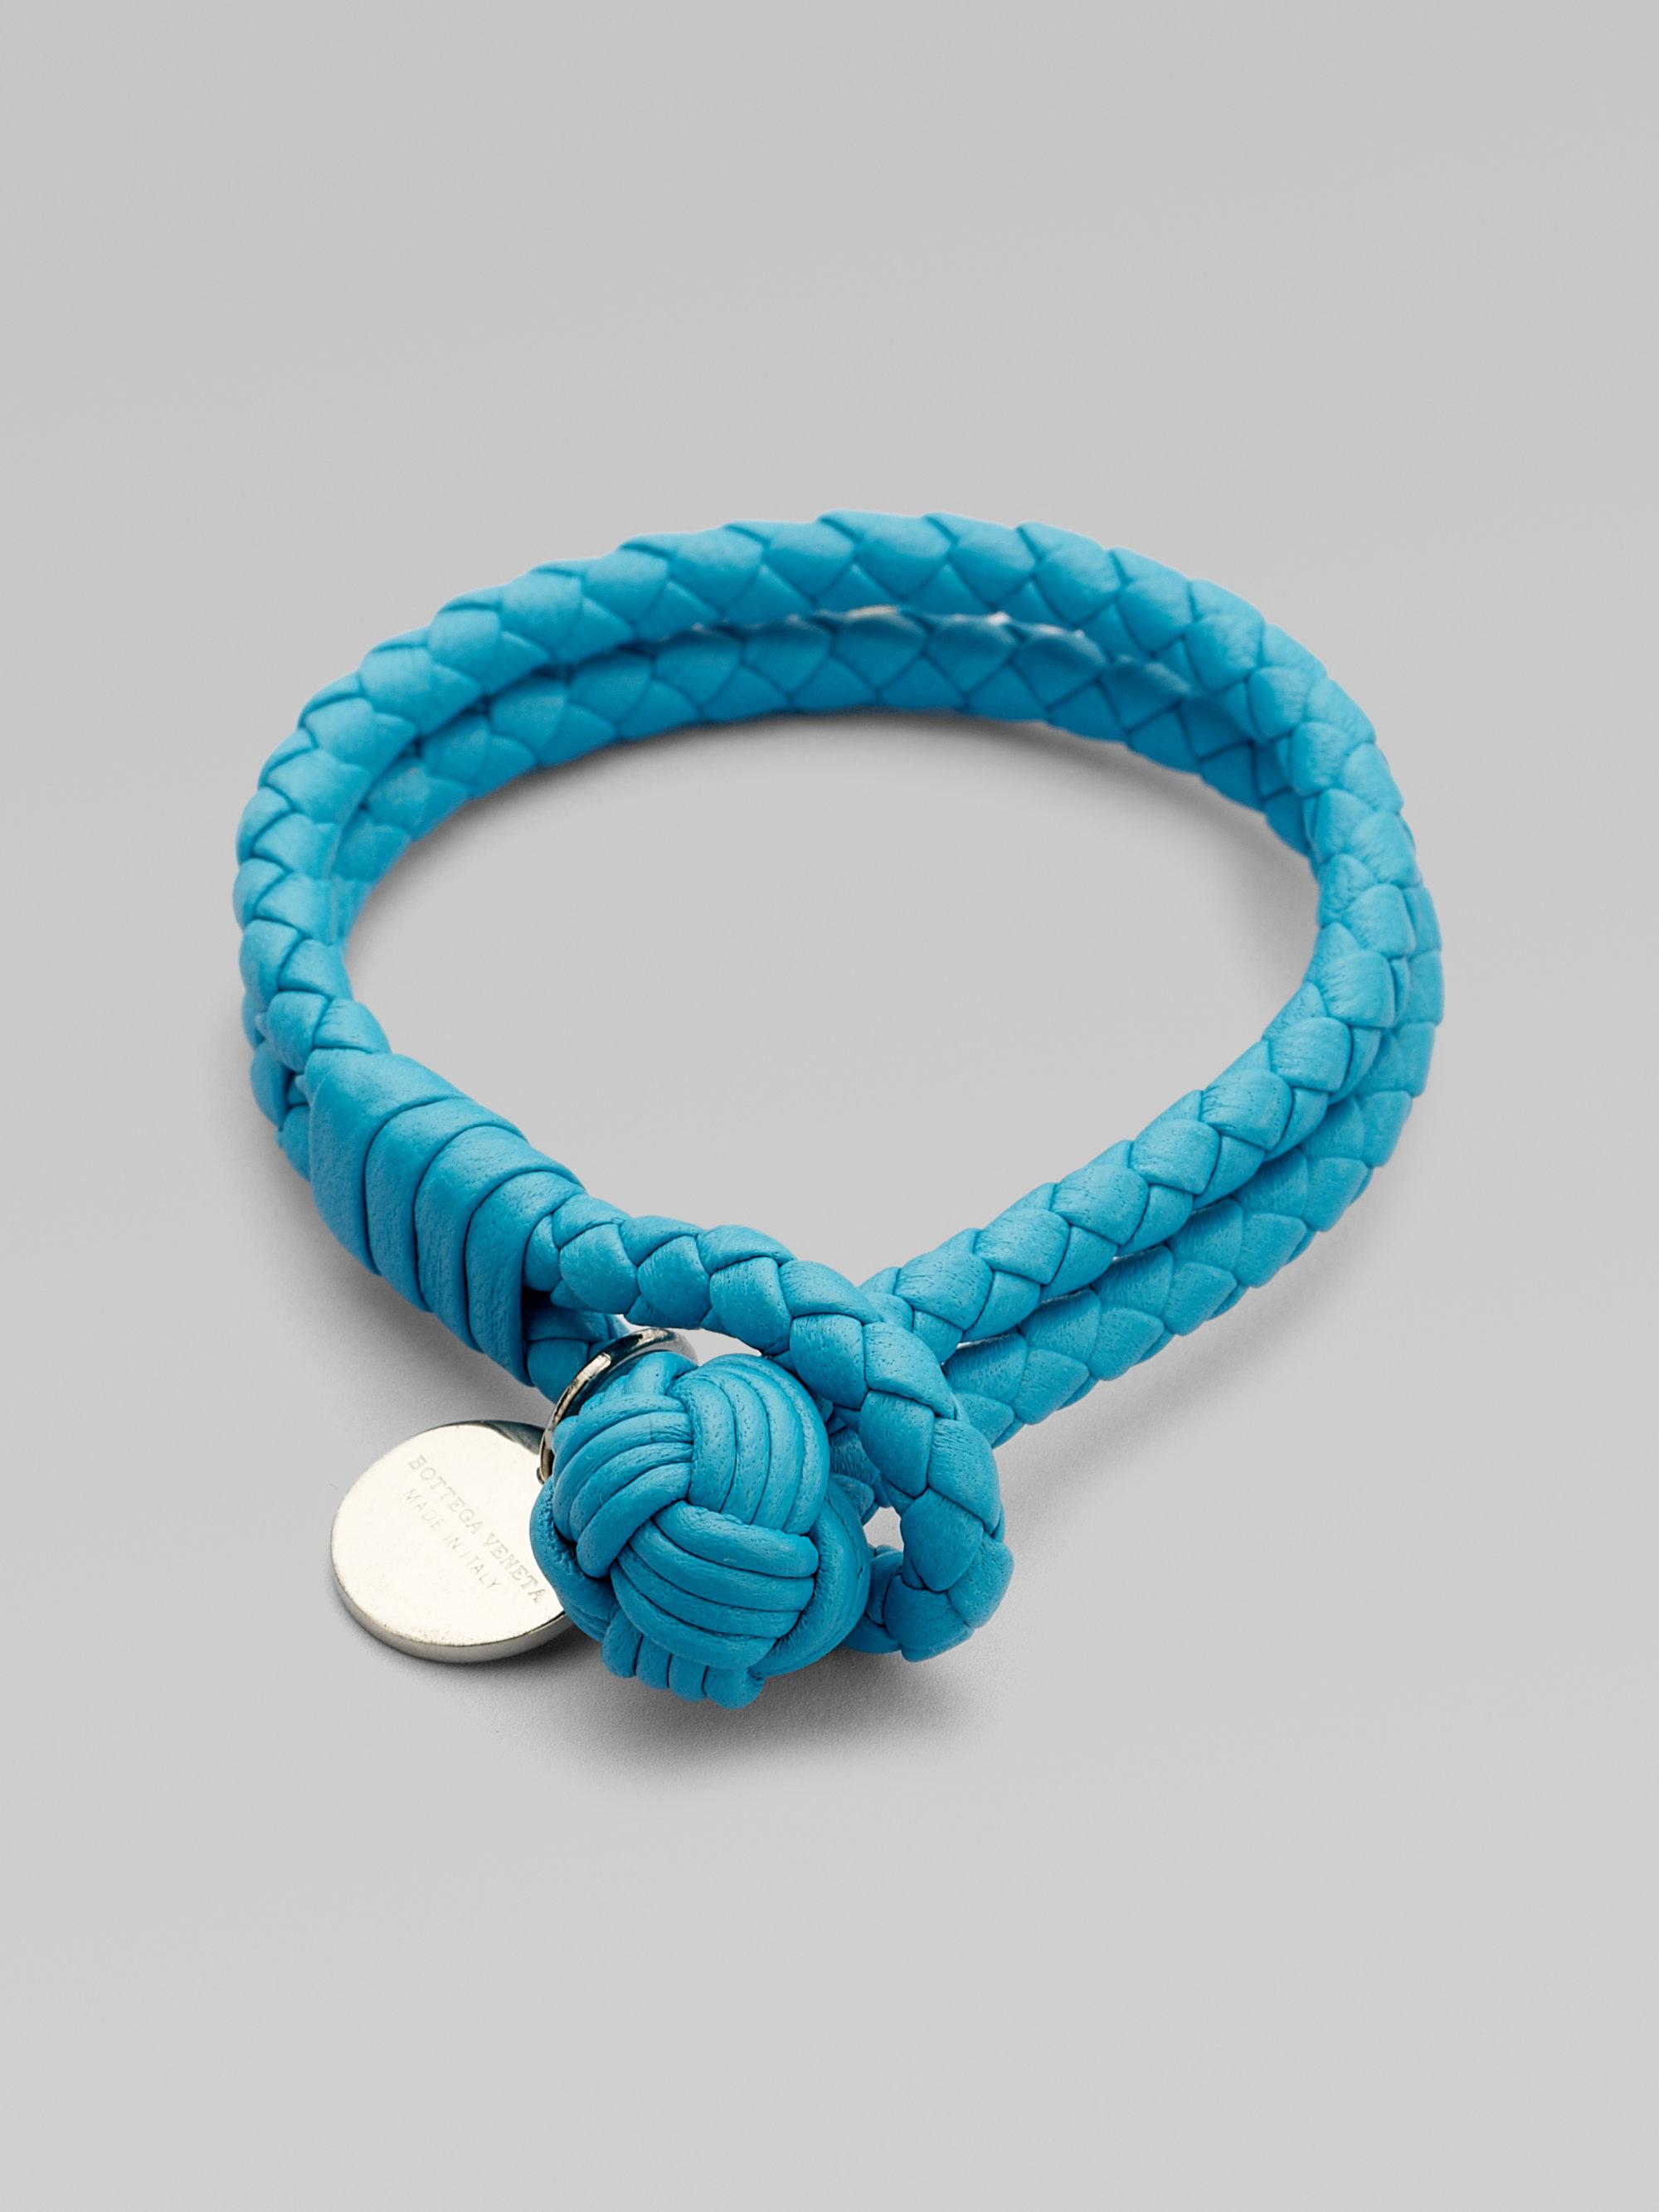 bottega veneta woven leather bracelet in blue turquoise